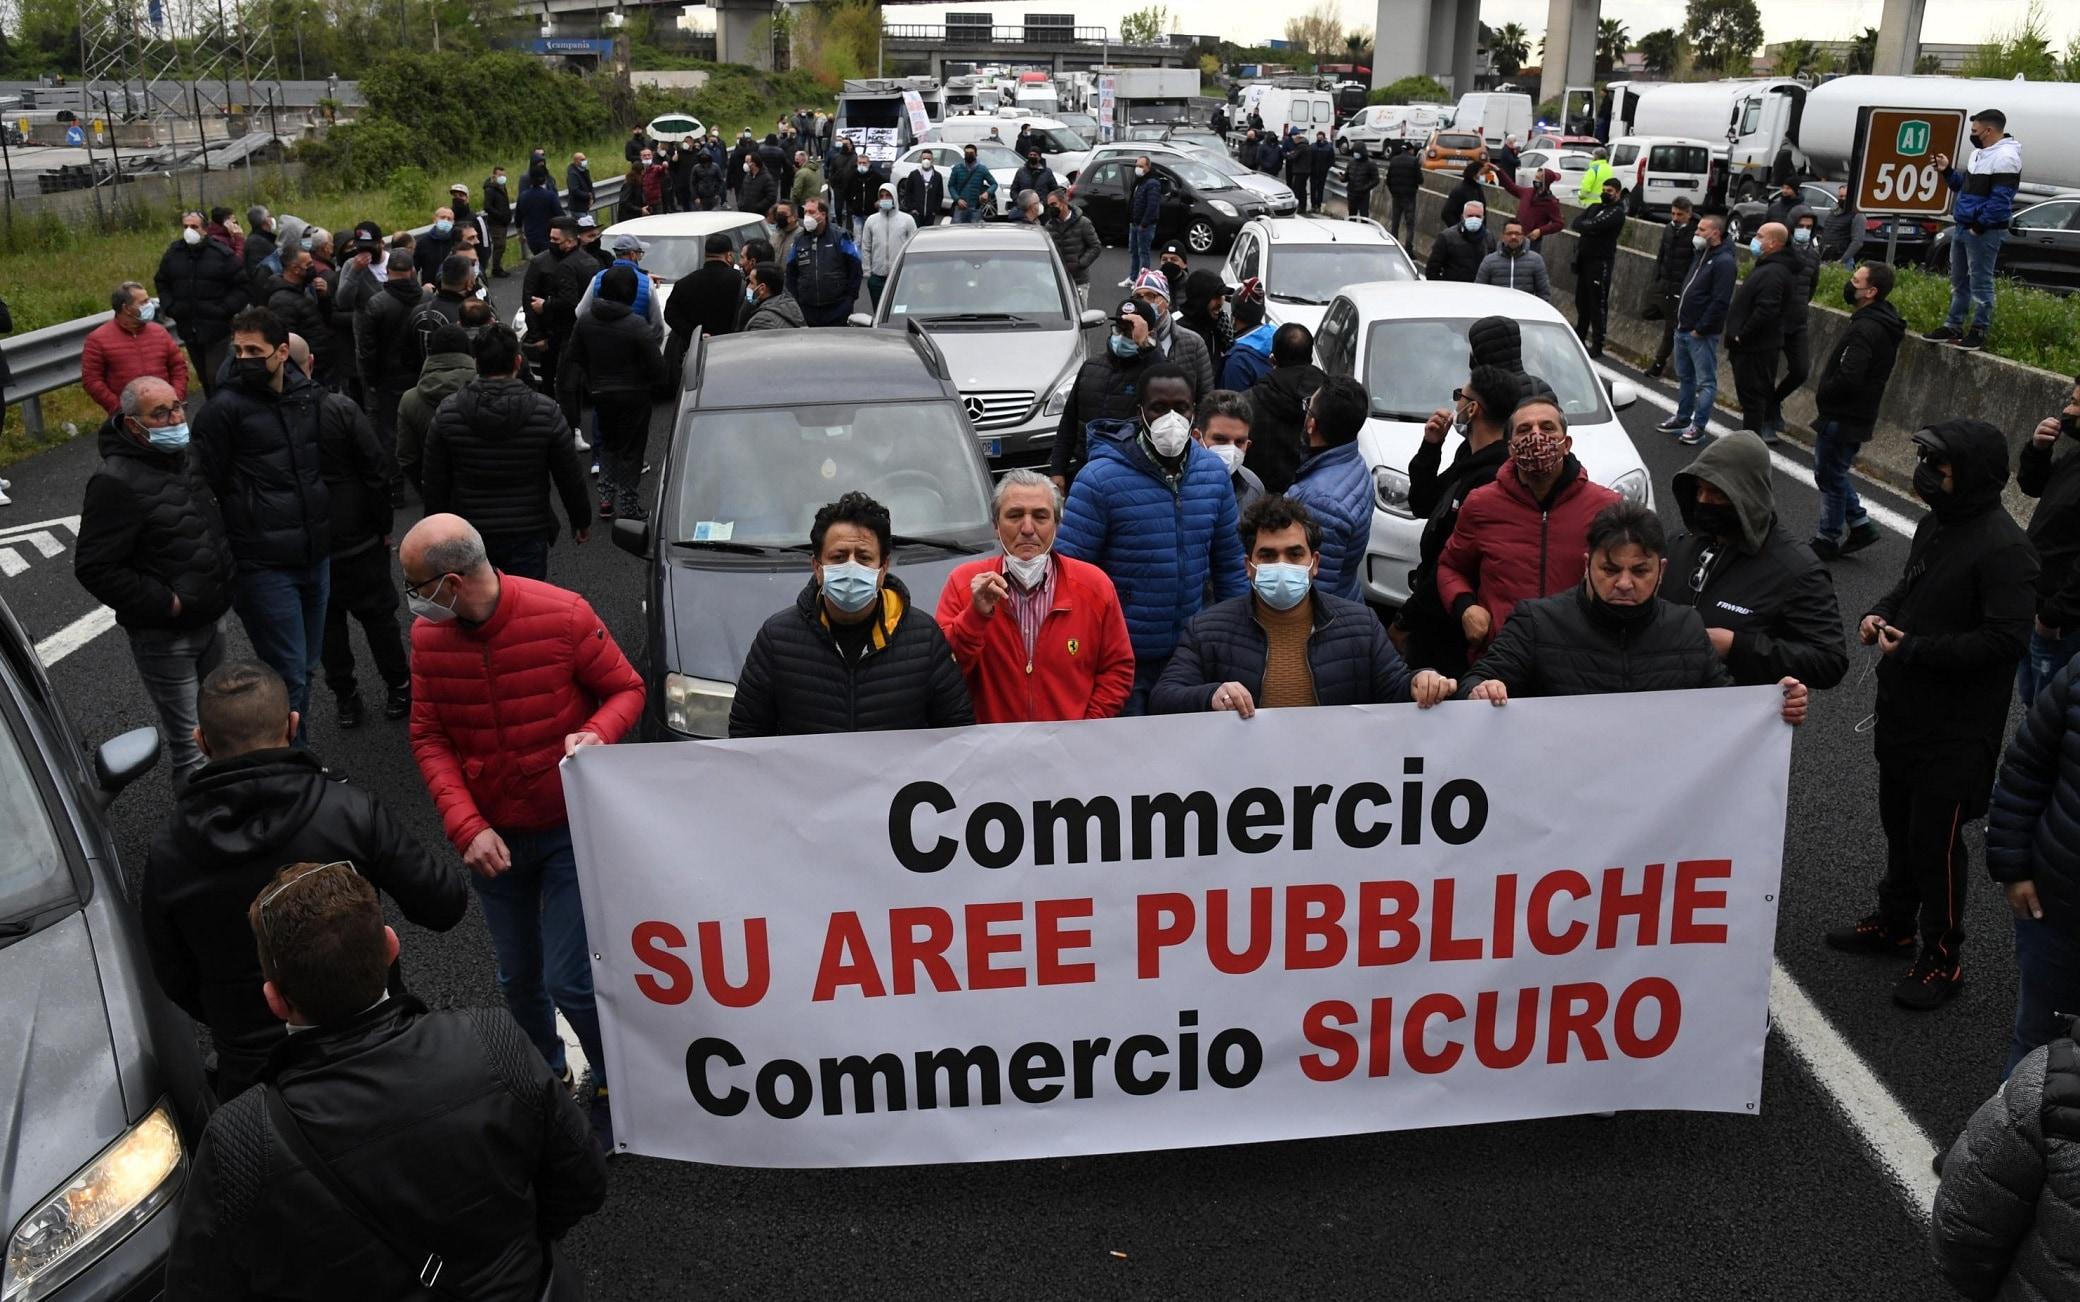 Un'immagine della protesta